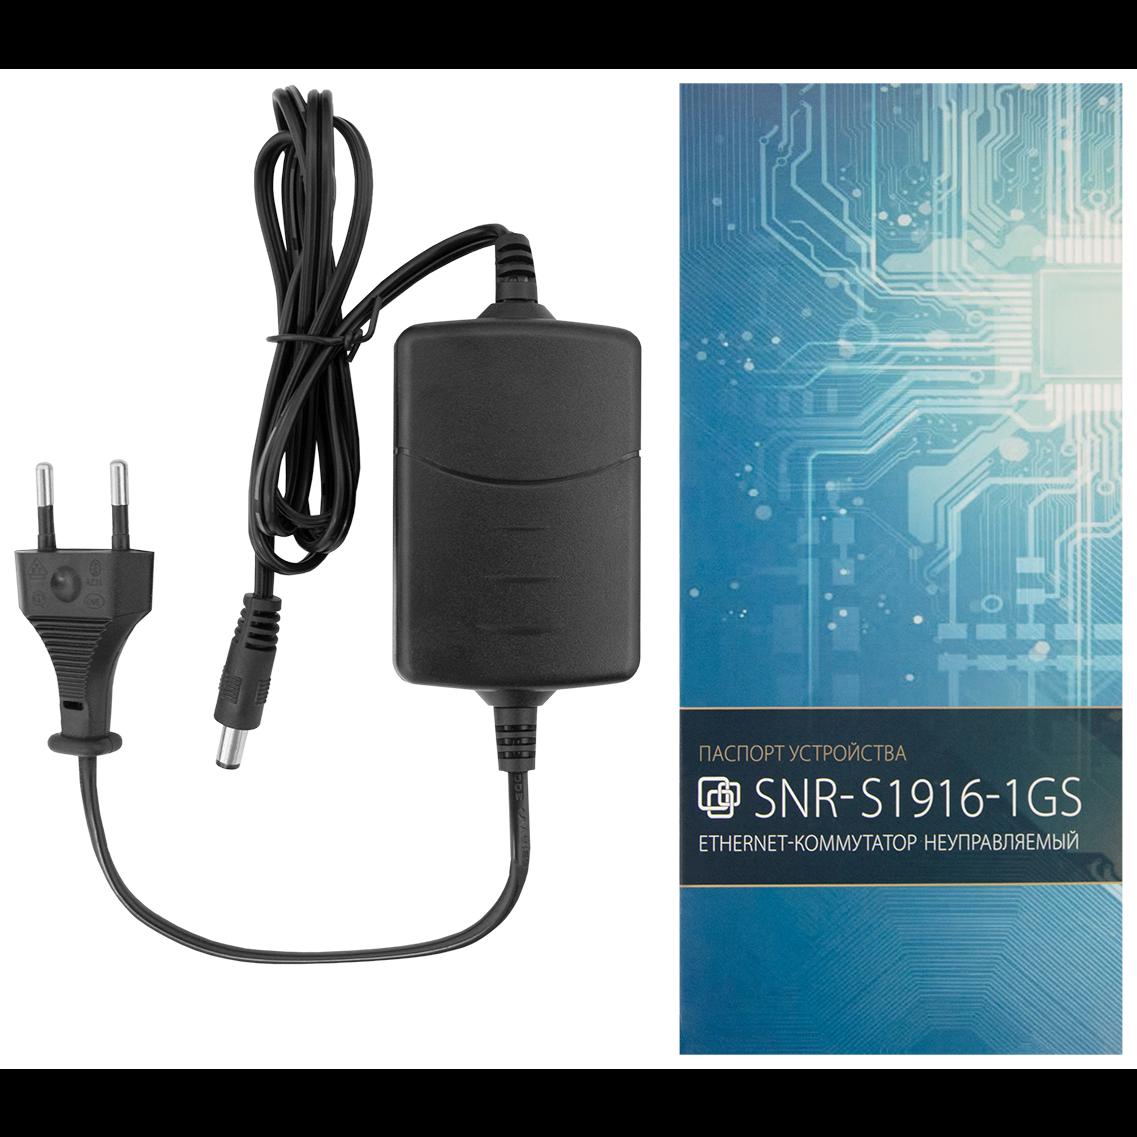 Неуправляемый коммутатор SNR-S1916-1GS